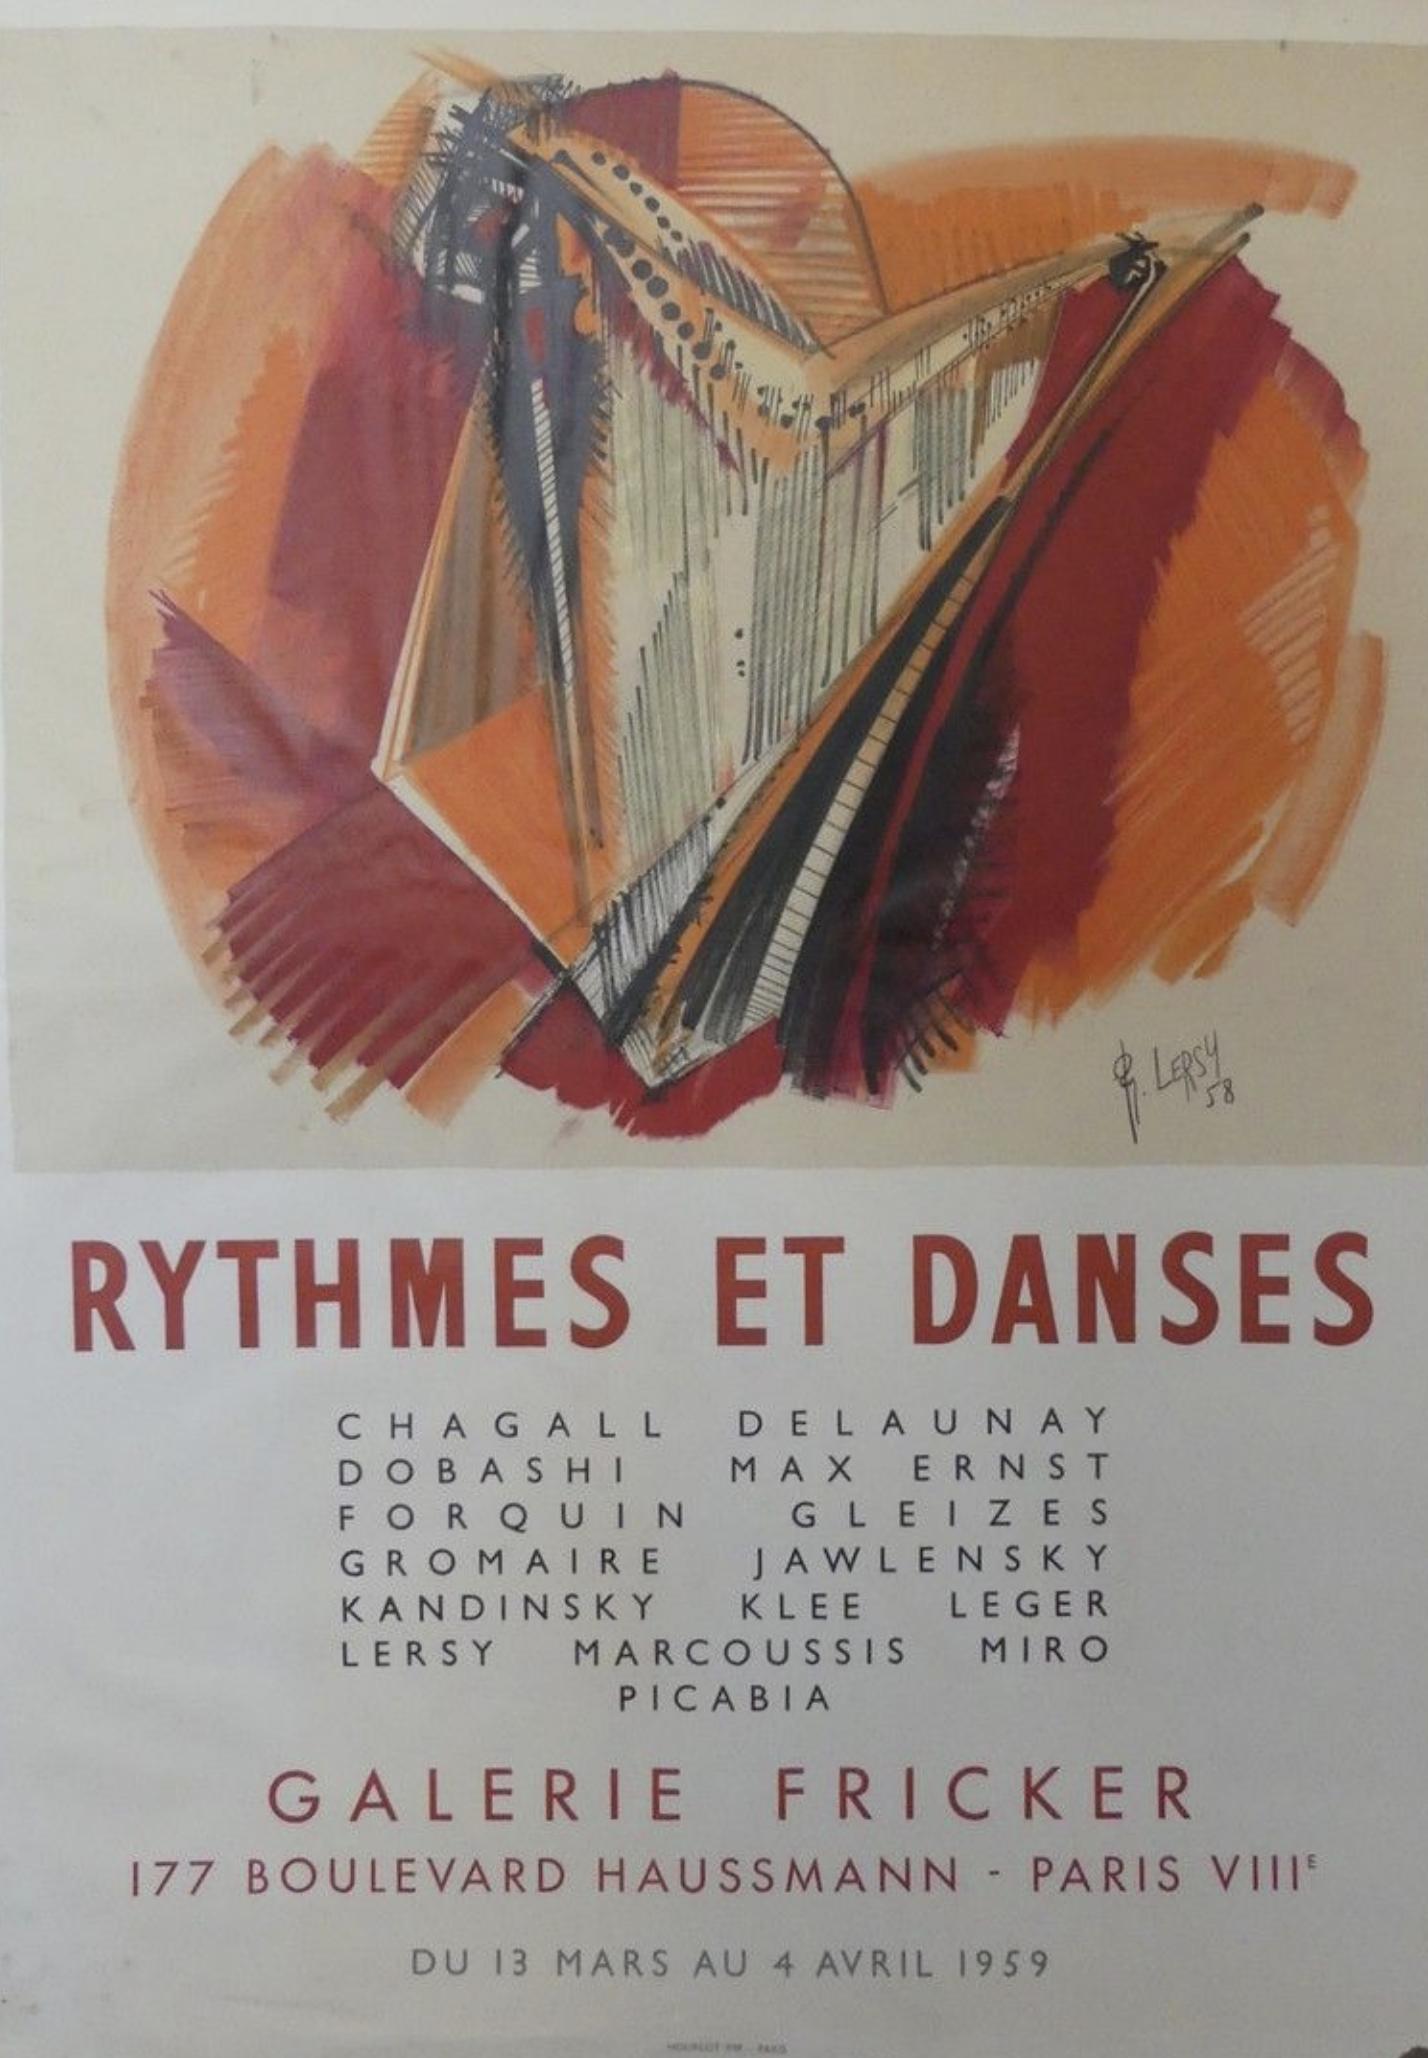 Galerie Fricker LERSY Original Vintage Poster Letitia Morris Gallery